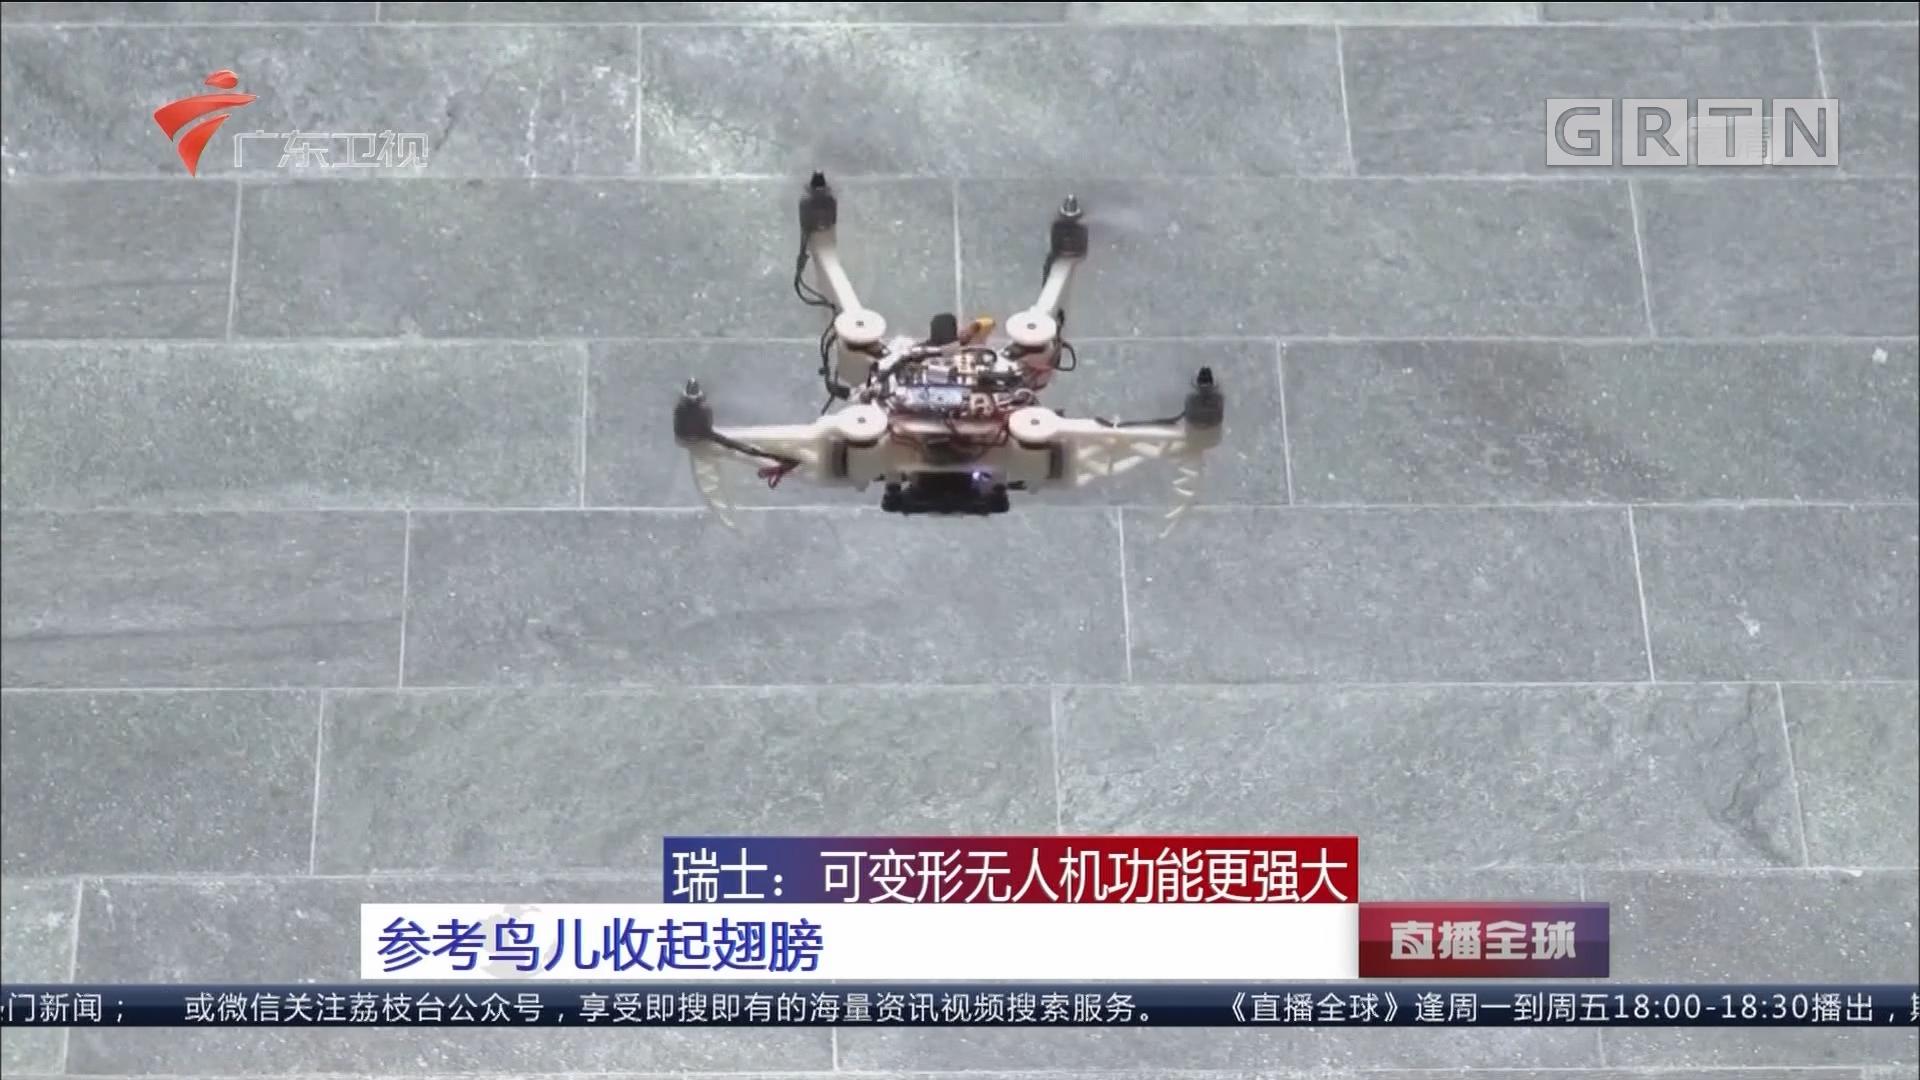 瑞士:可变形无人机功能更强大 参考鸟儿收起翅膀